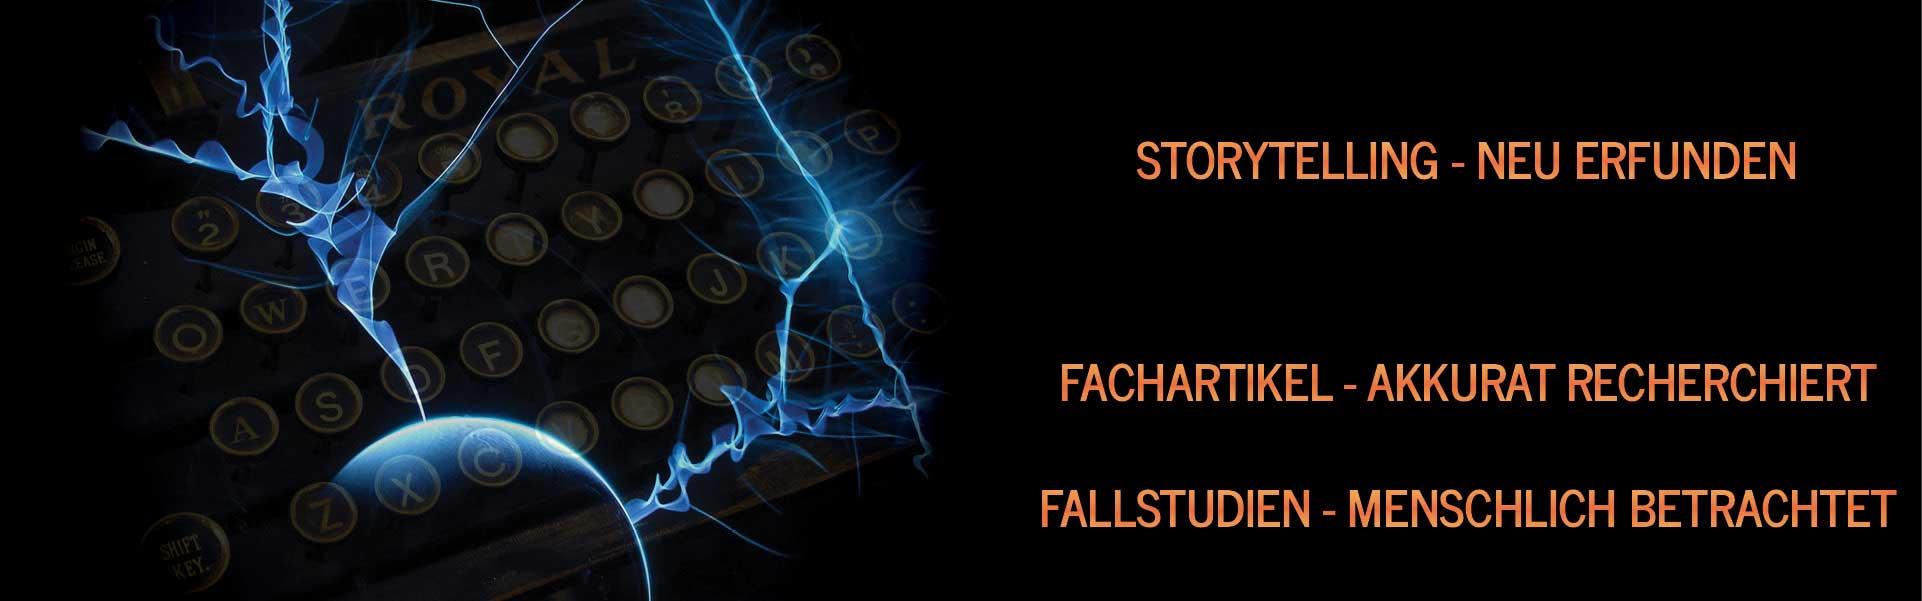 Storytelling neu erfunden - Fachartikel akkurat recherchiert - Fallstudien menschlich betrachtet